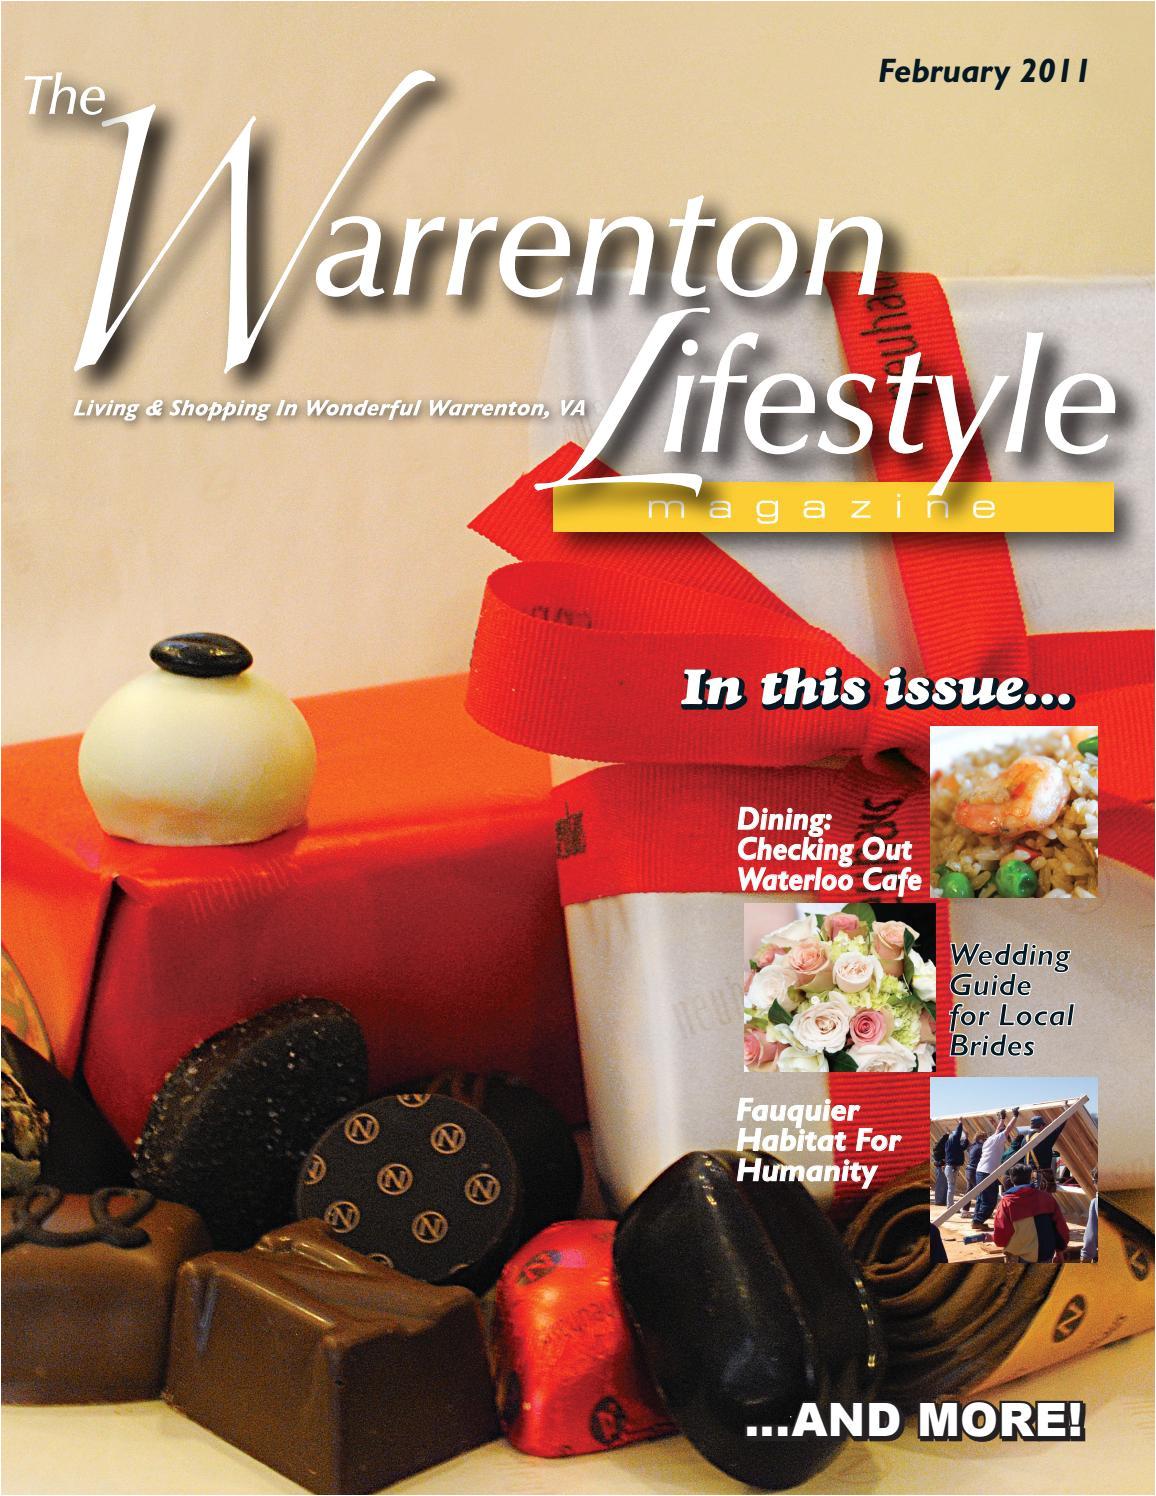 warrenton lifestyle magazine february 2011 by piedmont publishing group issuu